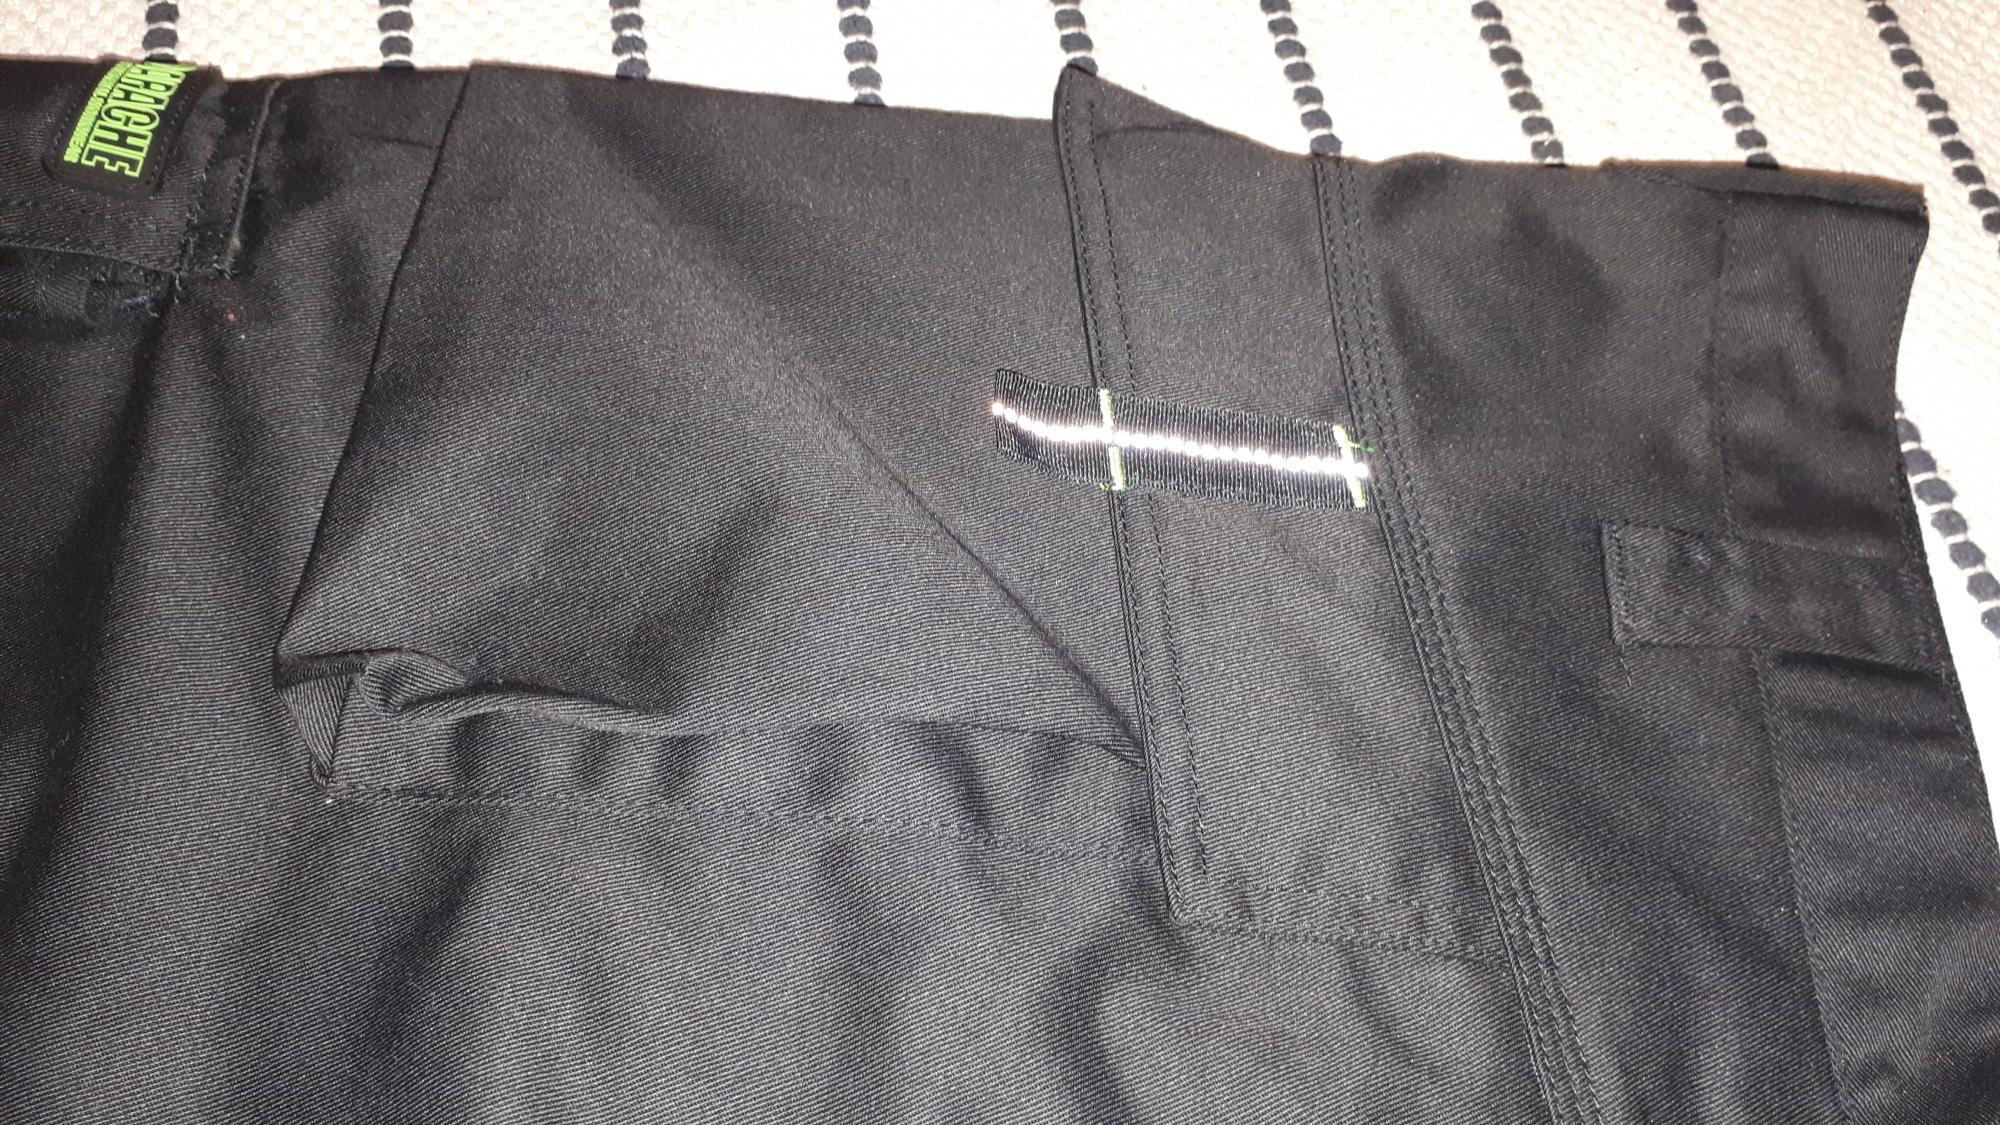 Профессиональные штаны мастера в Москве 89031673004 купить 5